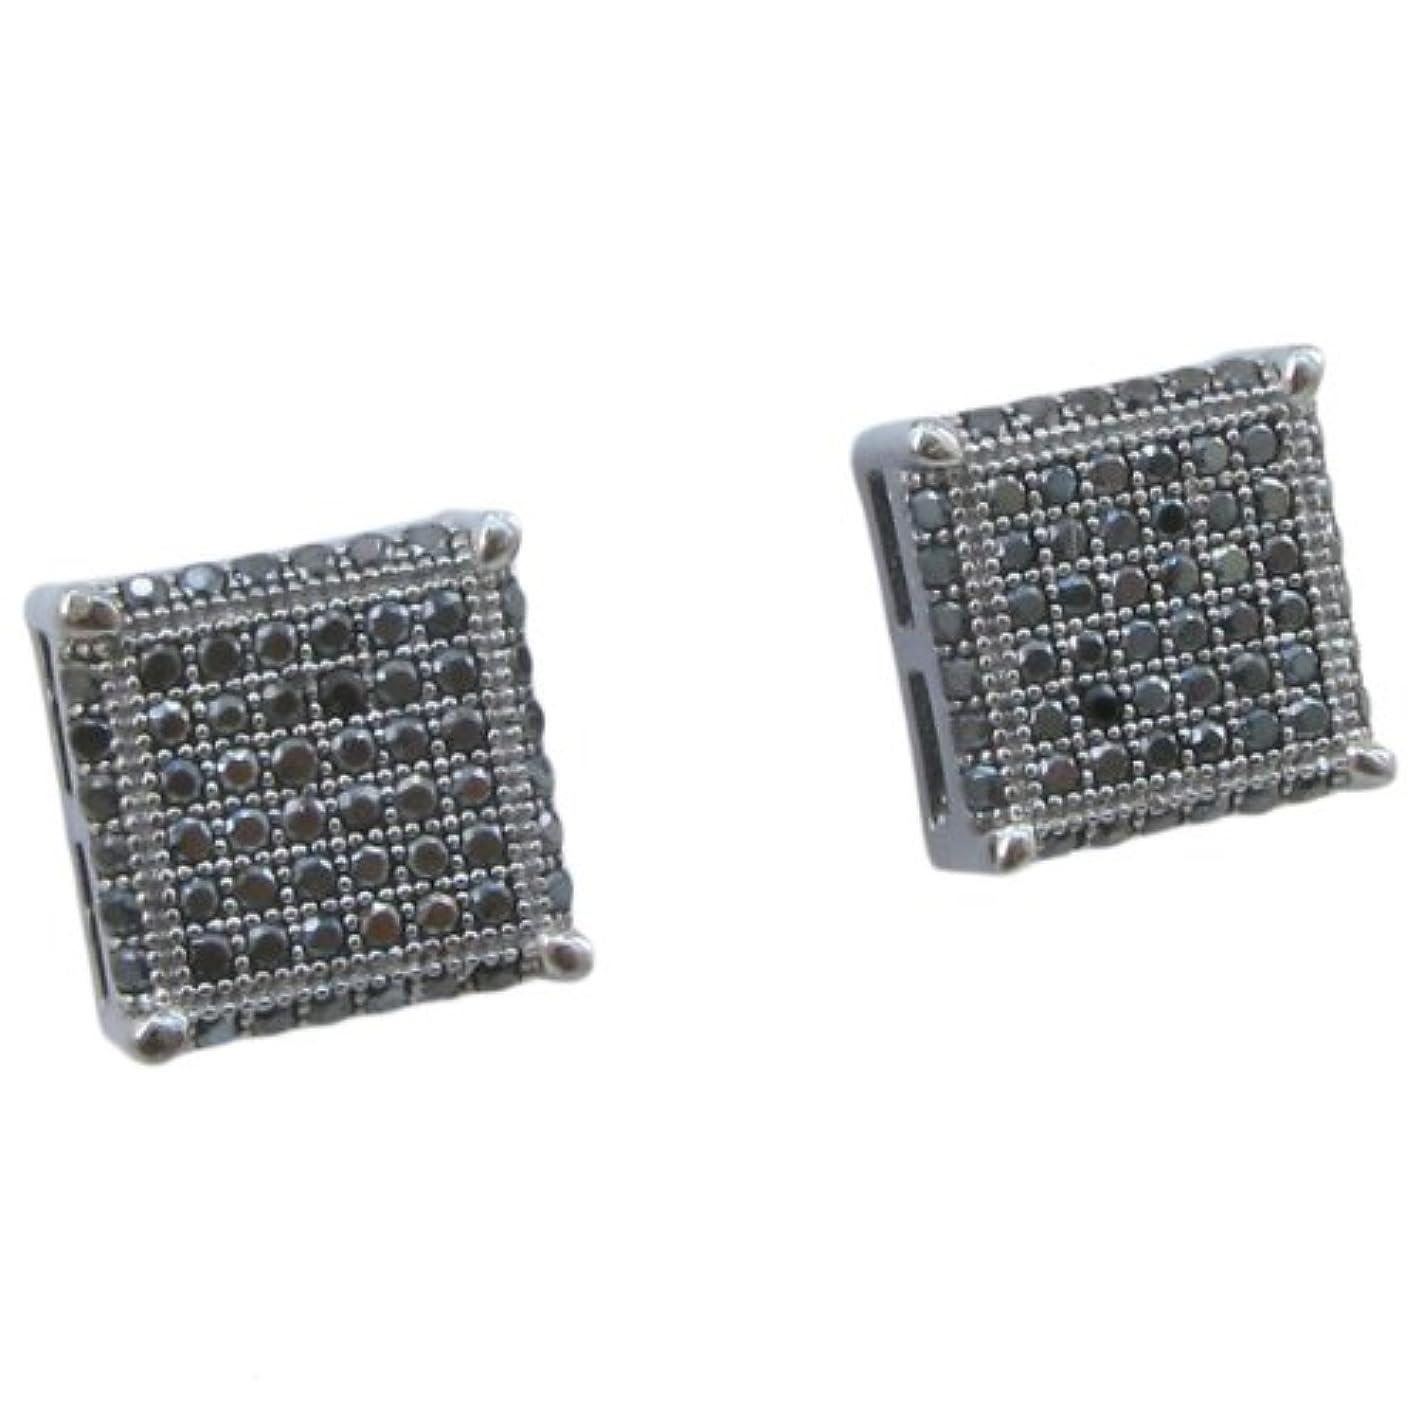 繊毛デモンストレーション優先権メンズ925スターリングシルバーブラック8行正方形イヤリングmlcz122 4 mm厚10 mm幅、サイズ